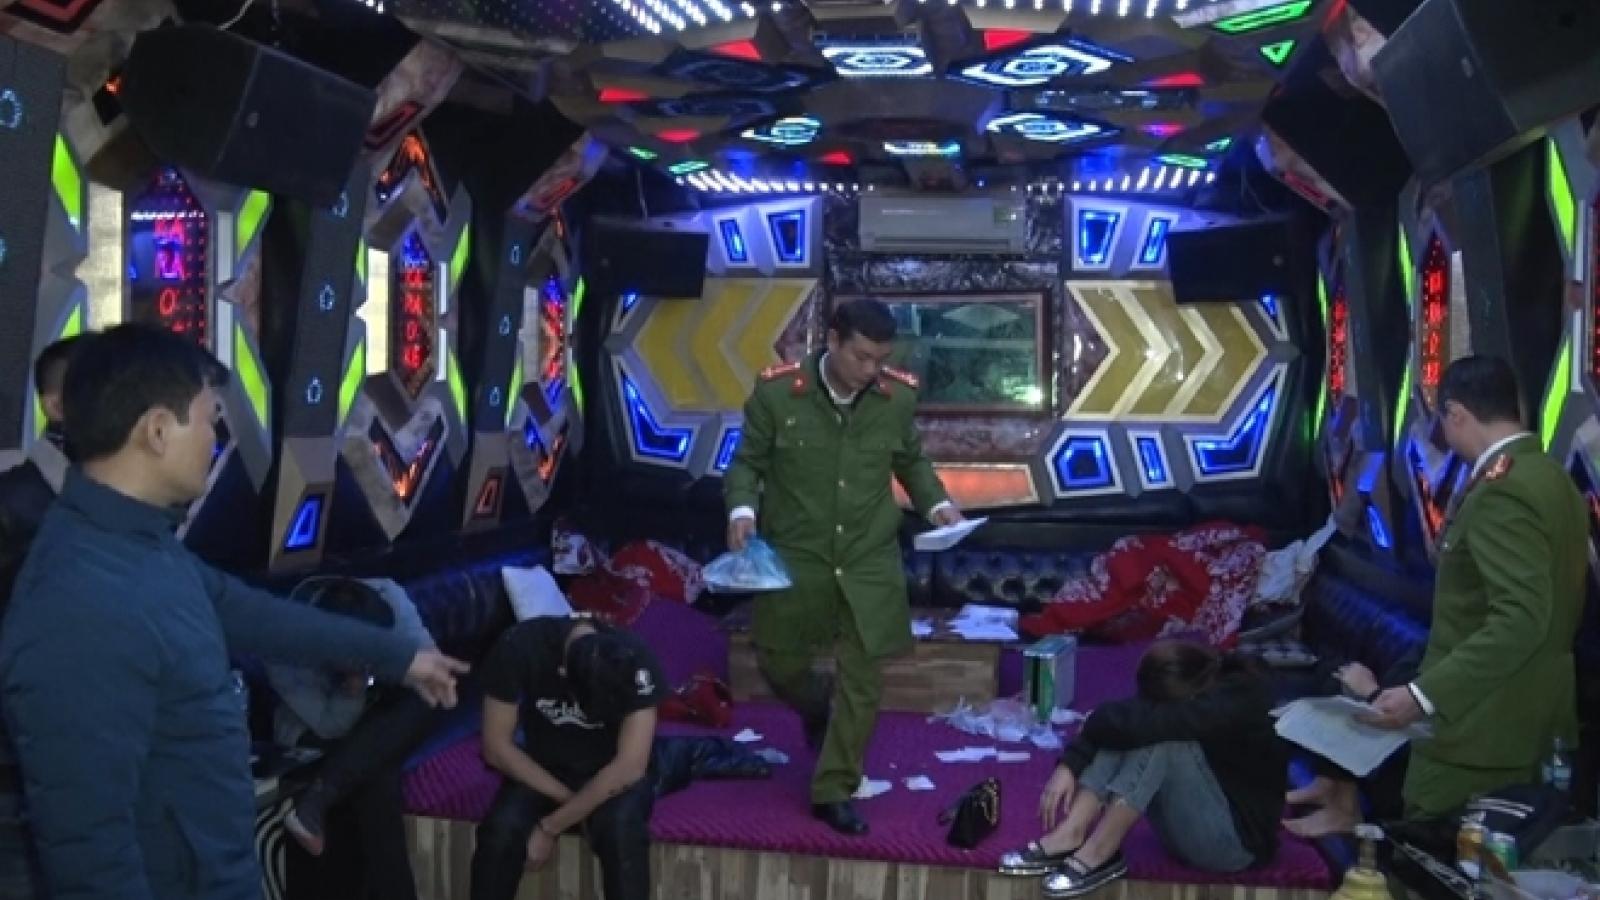 Chủ quán karaoke bán ma tuý rồi bay lắc cùng khách